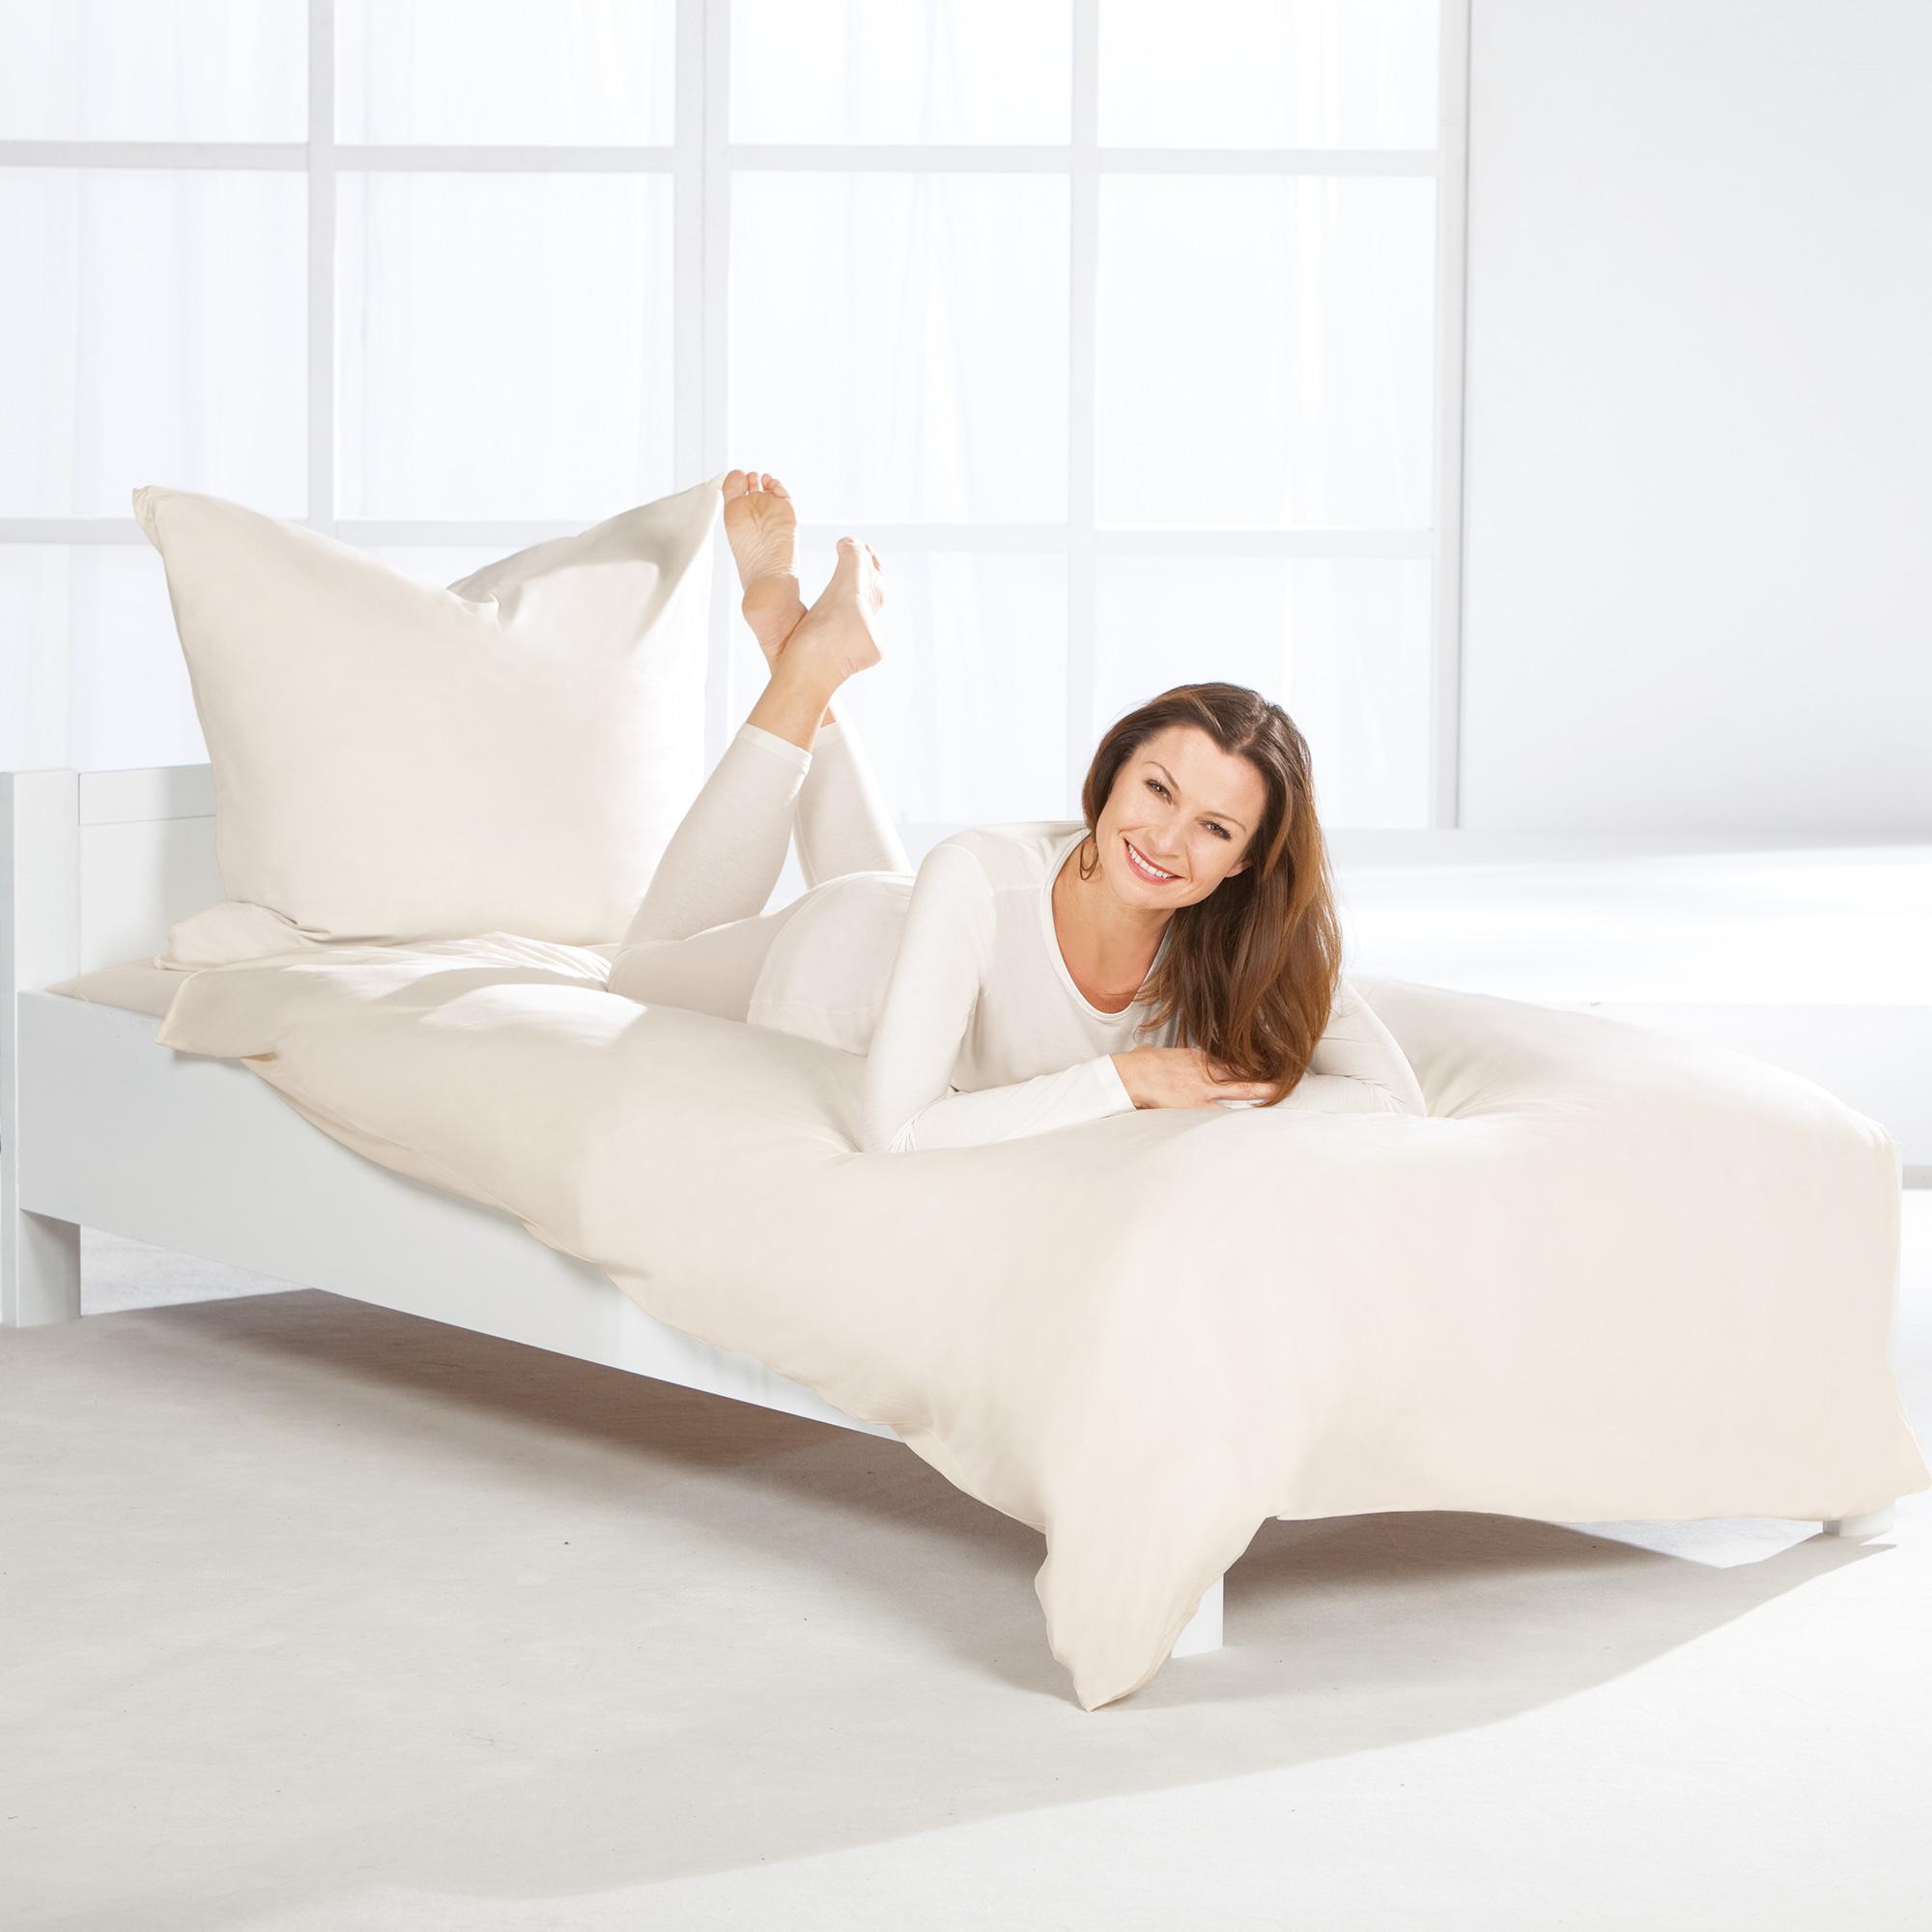 bettw sche normal set bettw sche betthimmel nestchen schmuseb r z llner 3. Black Bedroom Furniture Sets. Home Design Ideas